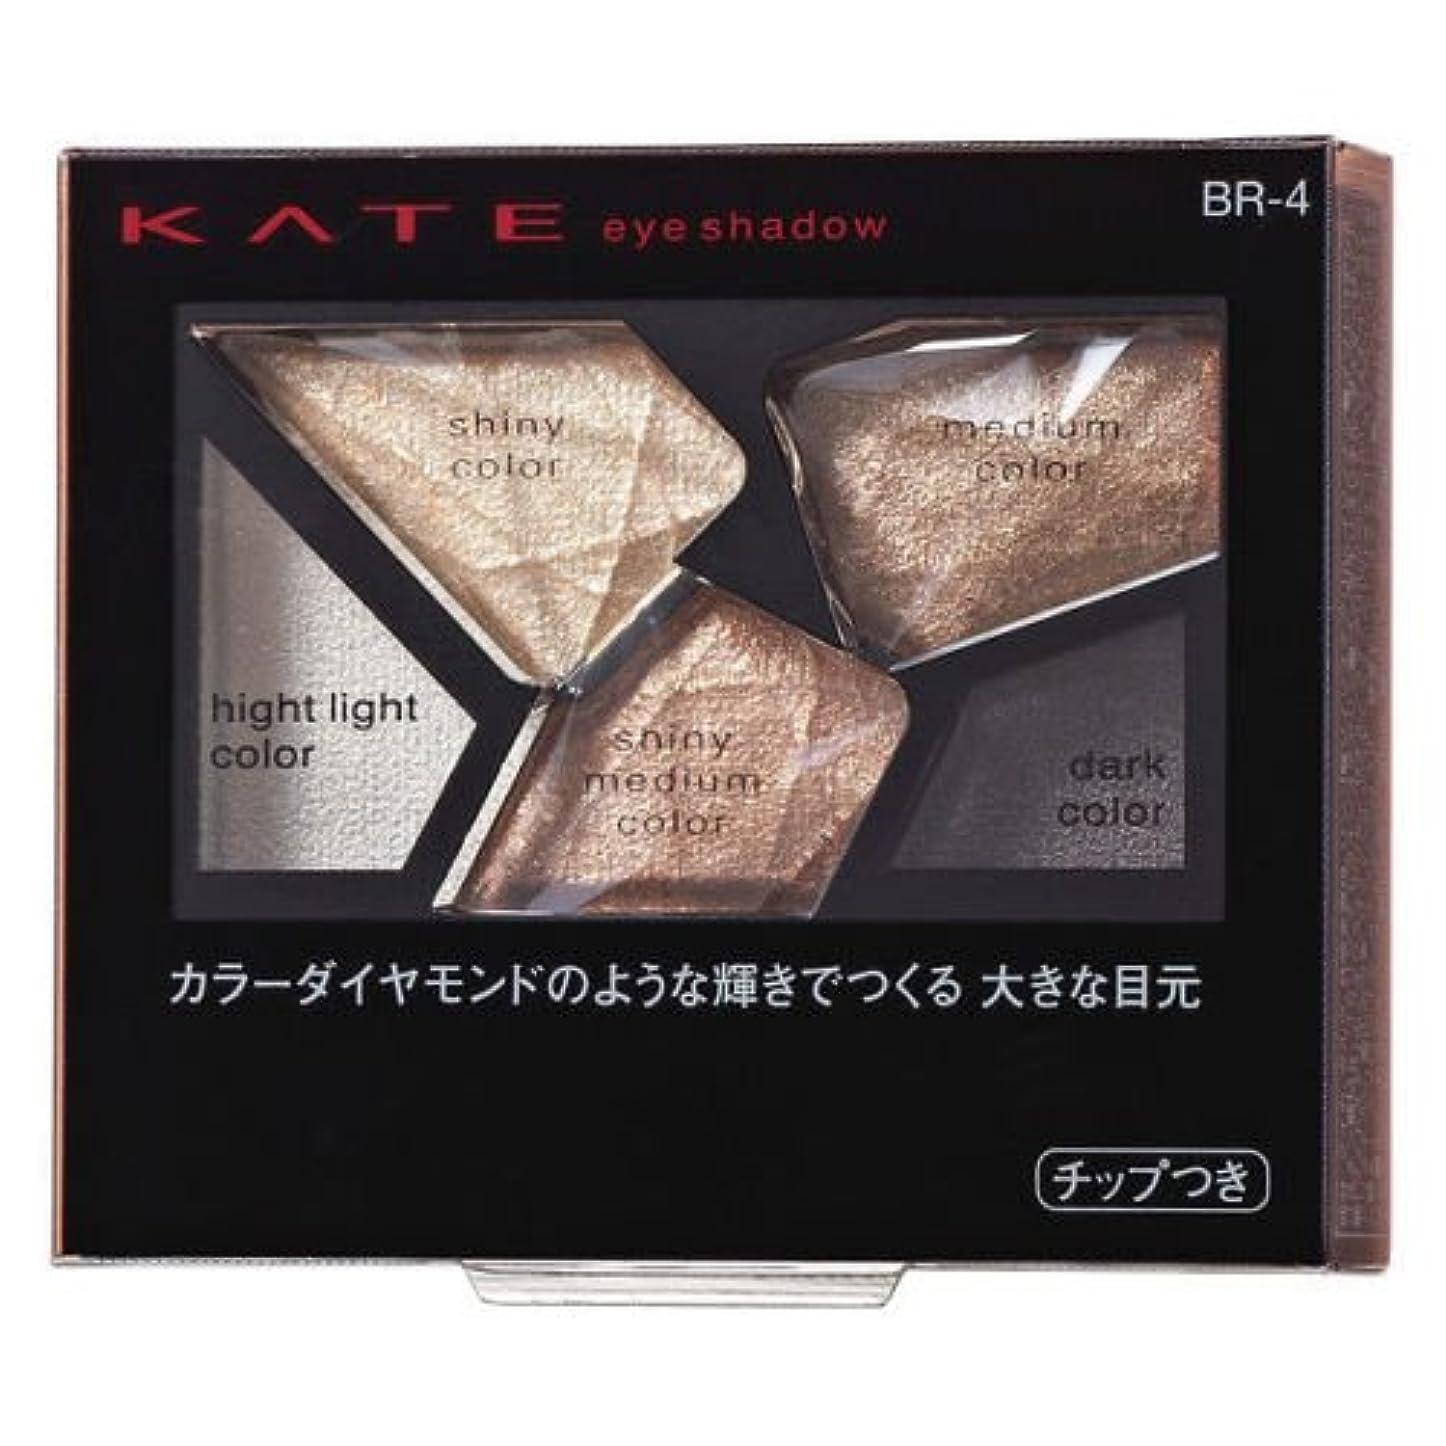 キャベツエンジン証明【カネボウ】ケイト カラーシャスダイヤモンド #BR-4 2.8g